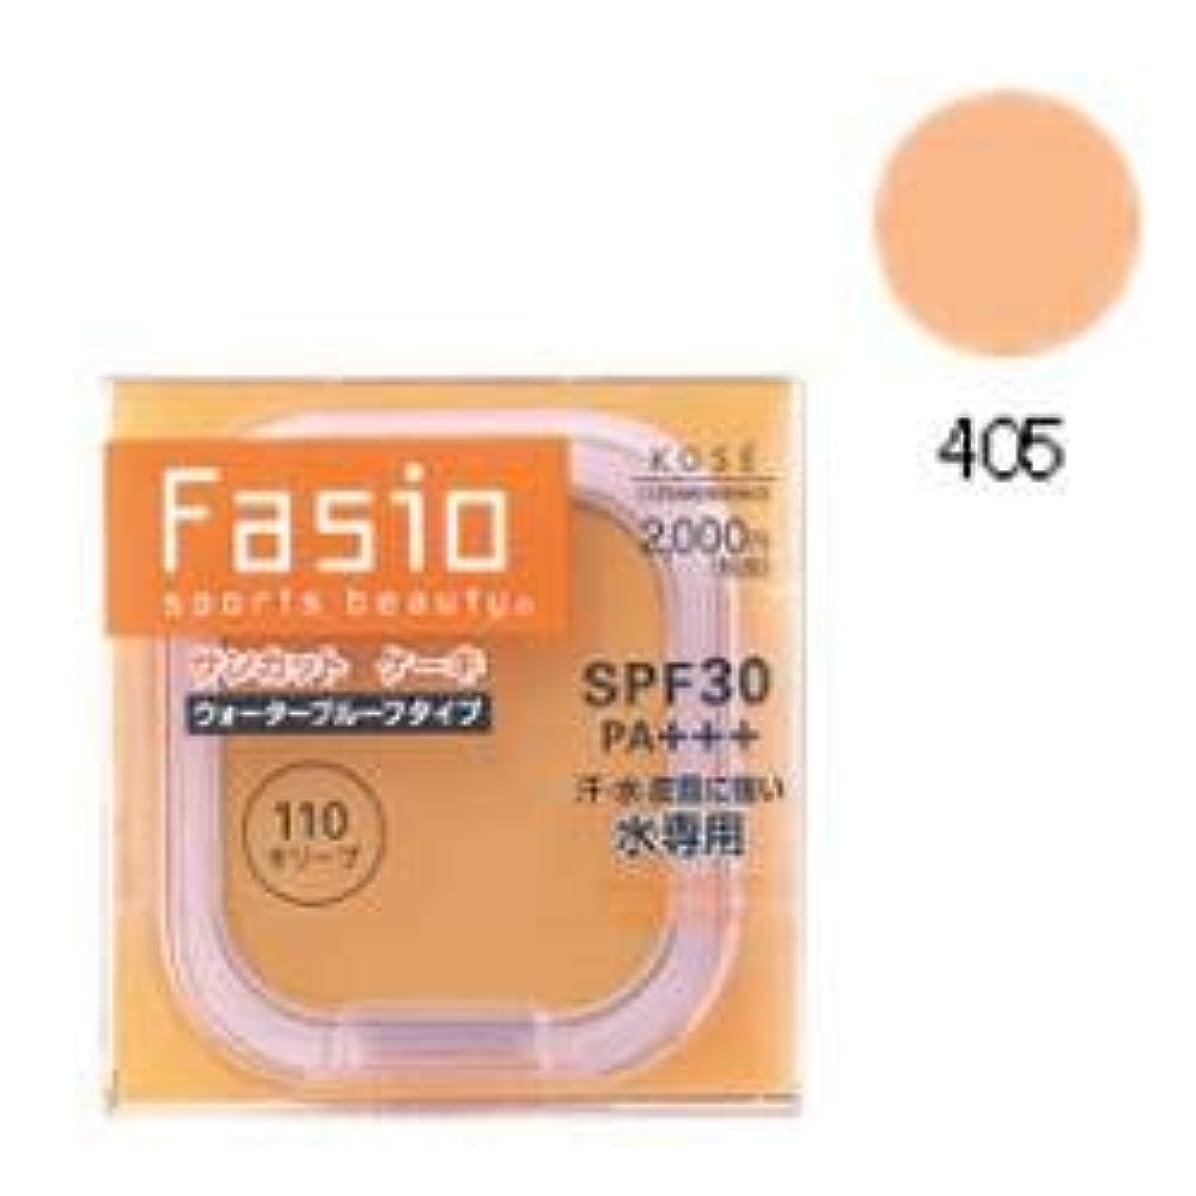 通り支出メンターコーセー Fasio ファシオ サンカット ケーキ 詰め替え用 405